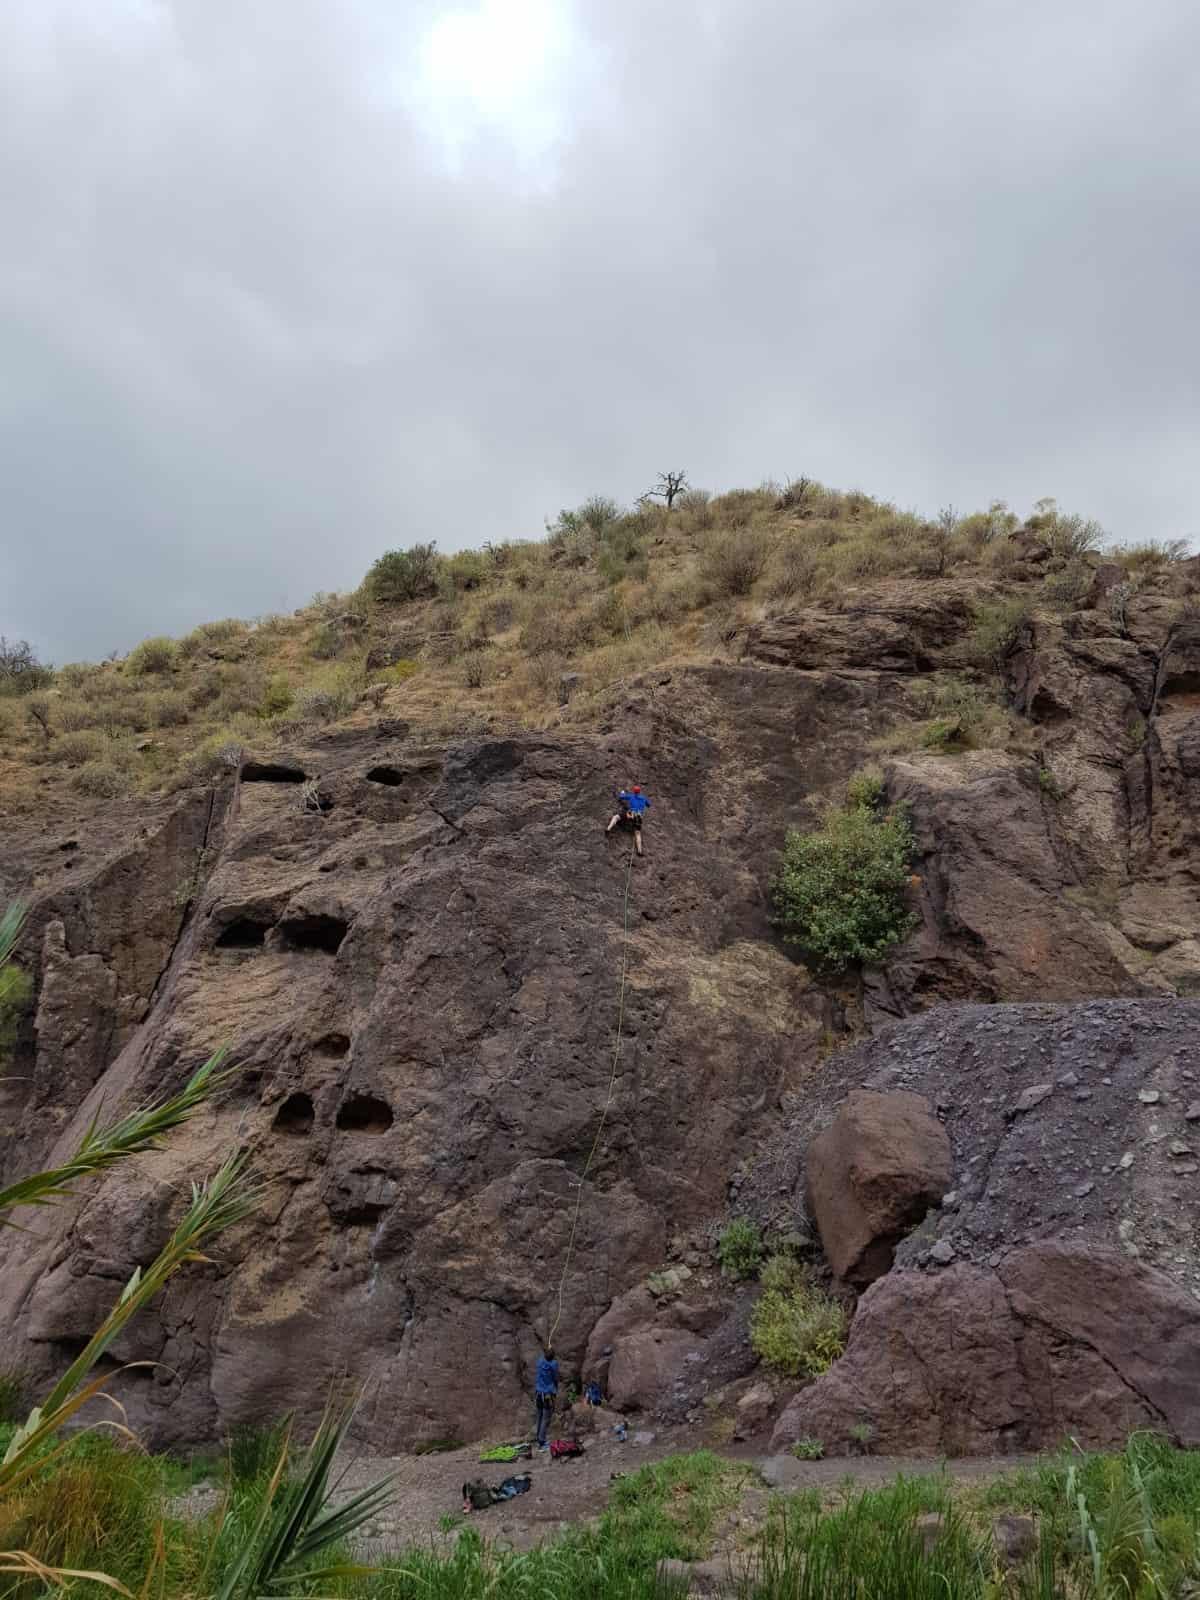 ce7cfcac 86db 44a4 9155 c924dae4567e - Klettern auf Gran Canaria – Teil 1